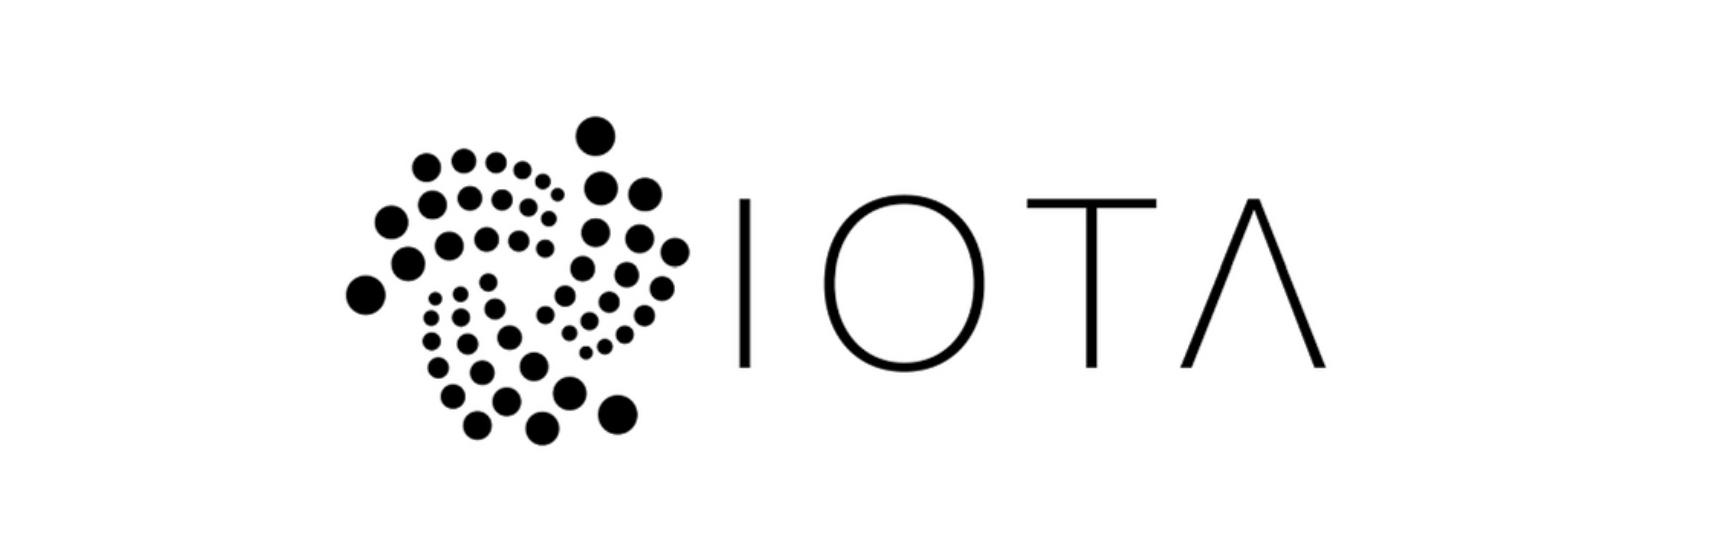 IOTA(アイオータ)のおすすめ取引所ランキング!買い方や購入方法を徹底解説!